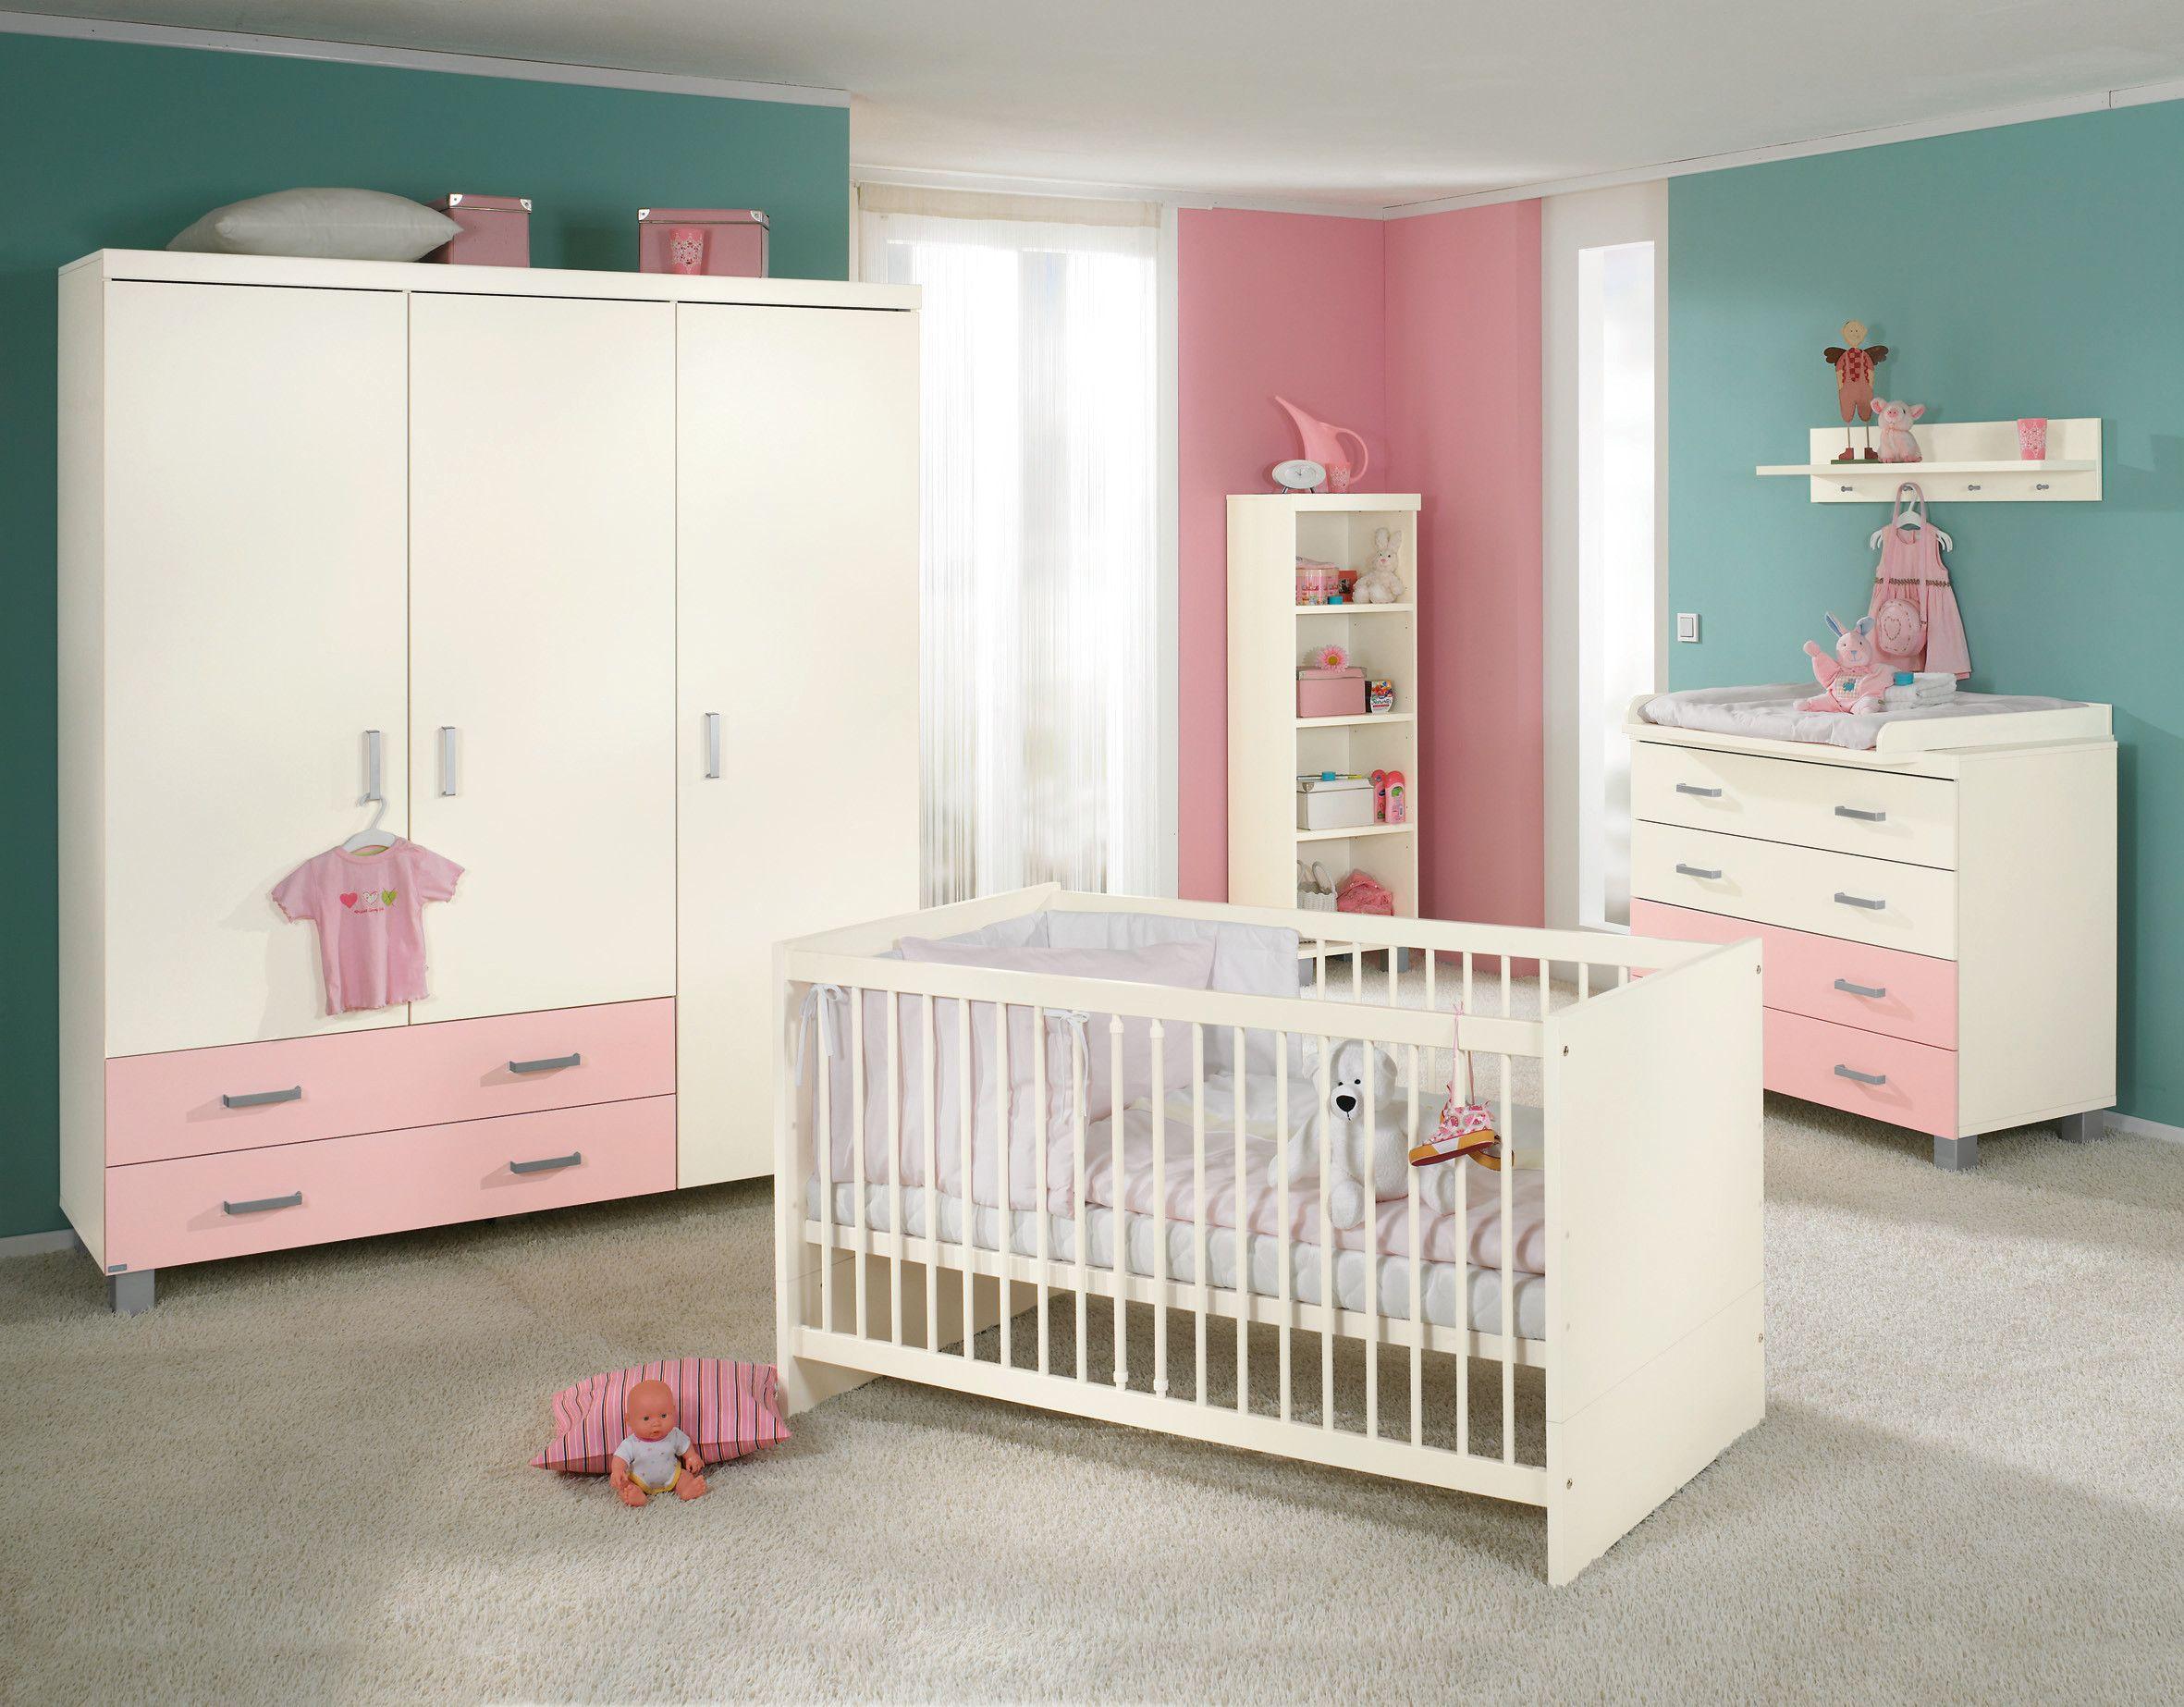 PAIDI Mehr Design im Kinderzimmer! PAIDI